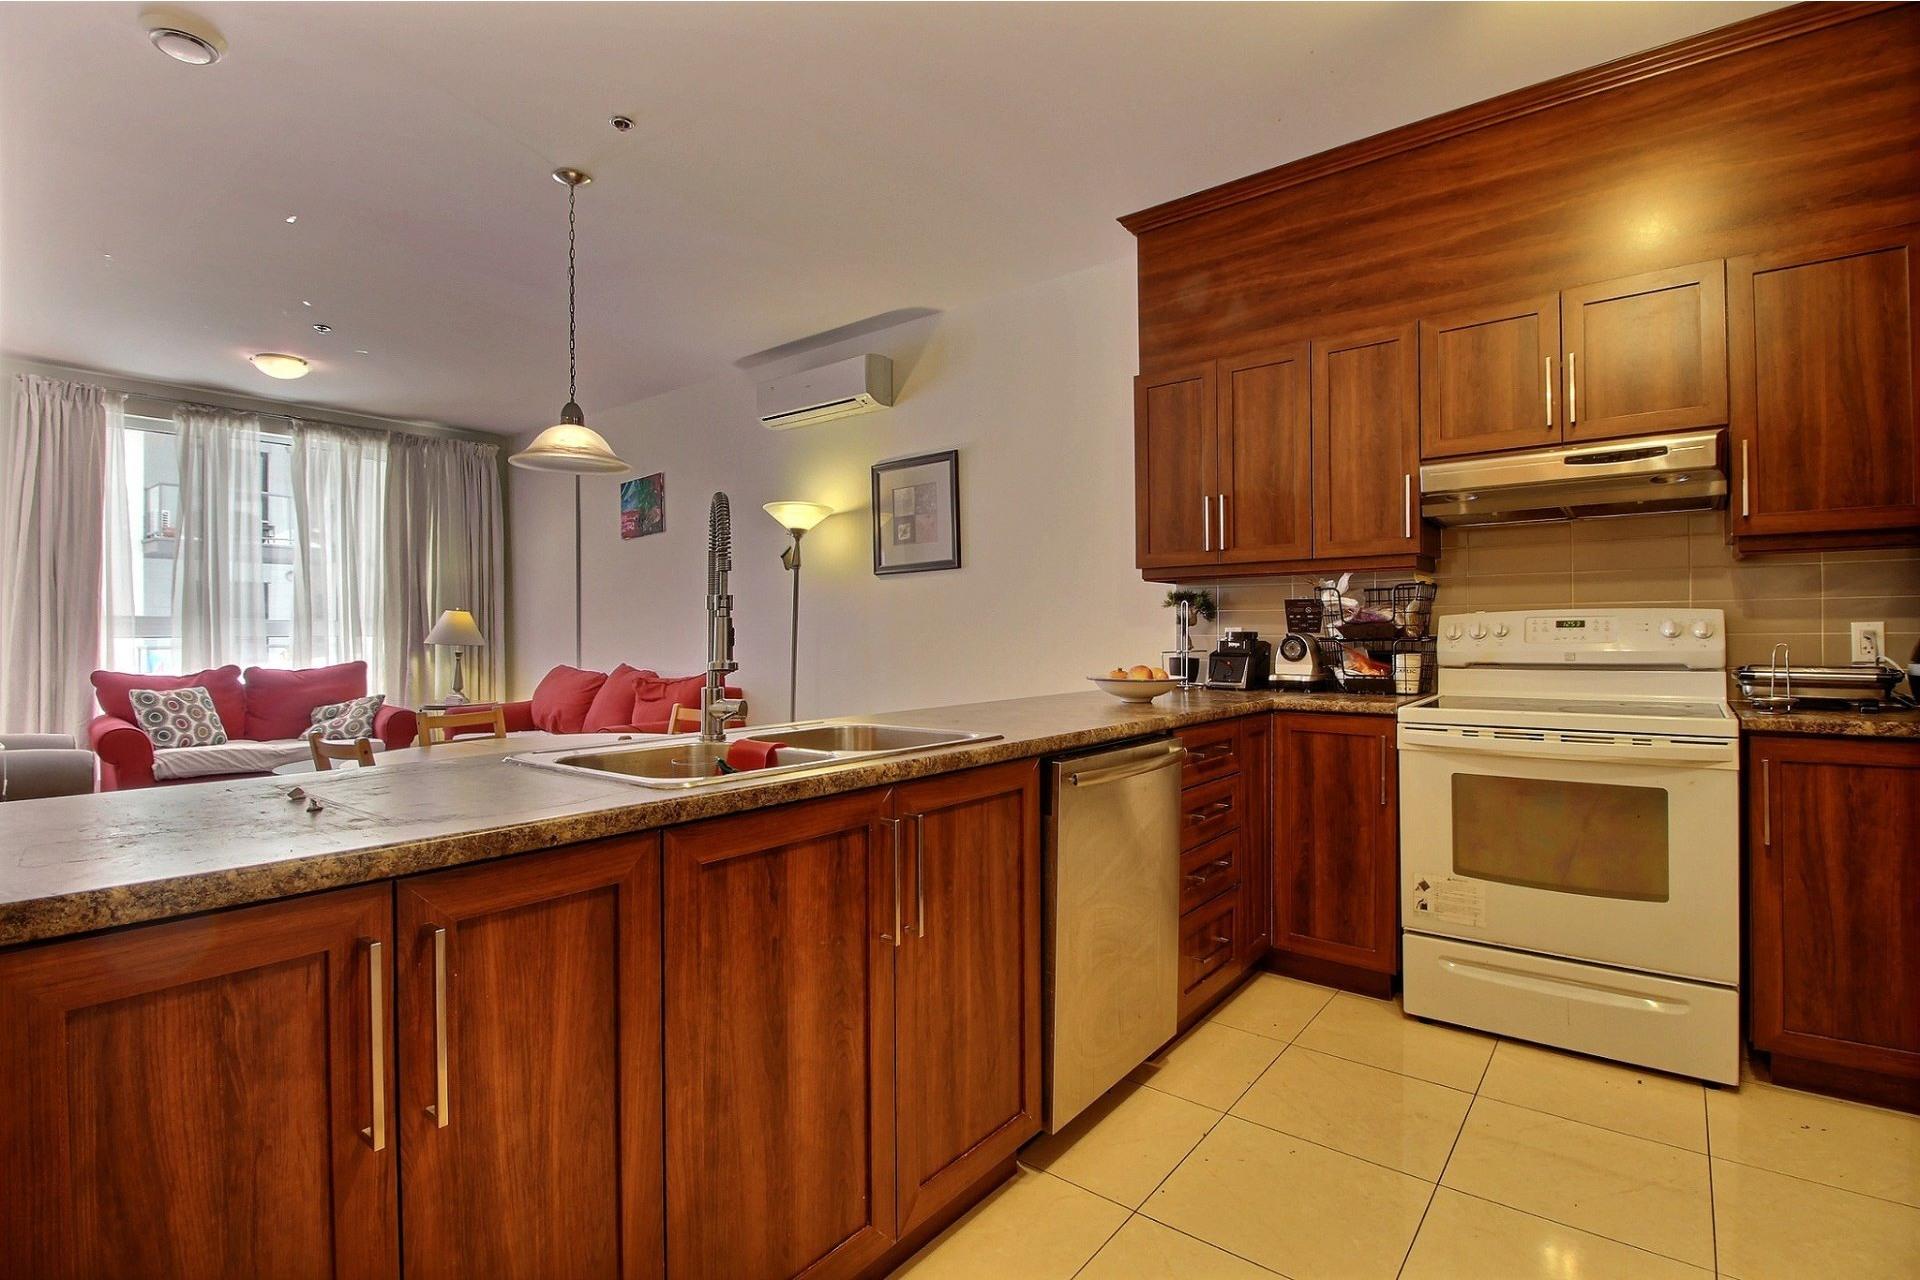 image 5 - Apartment For rent Rivière-des-Prairies/Pointe-aux-Trembles Montréal  - 6 rooms